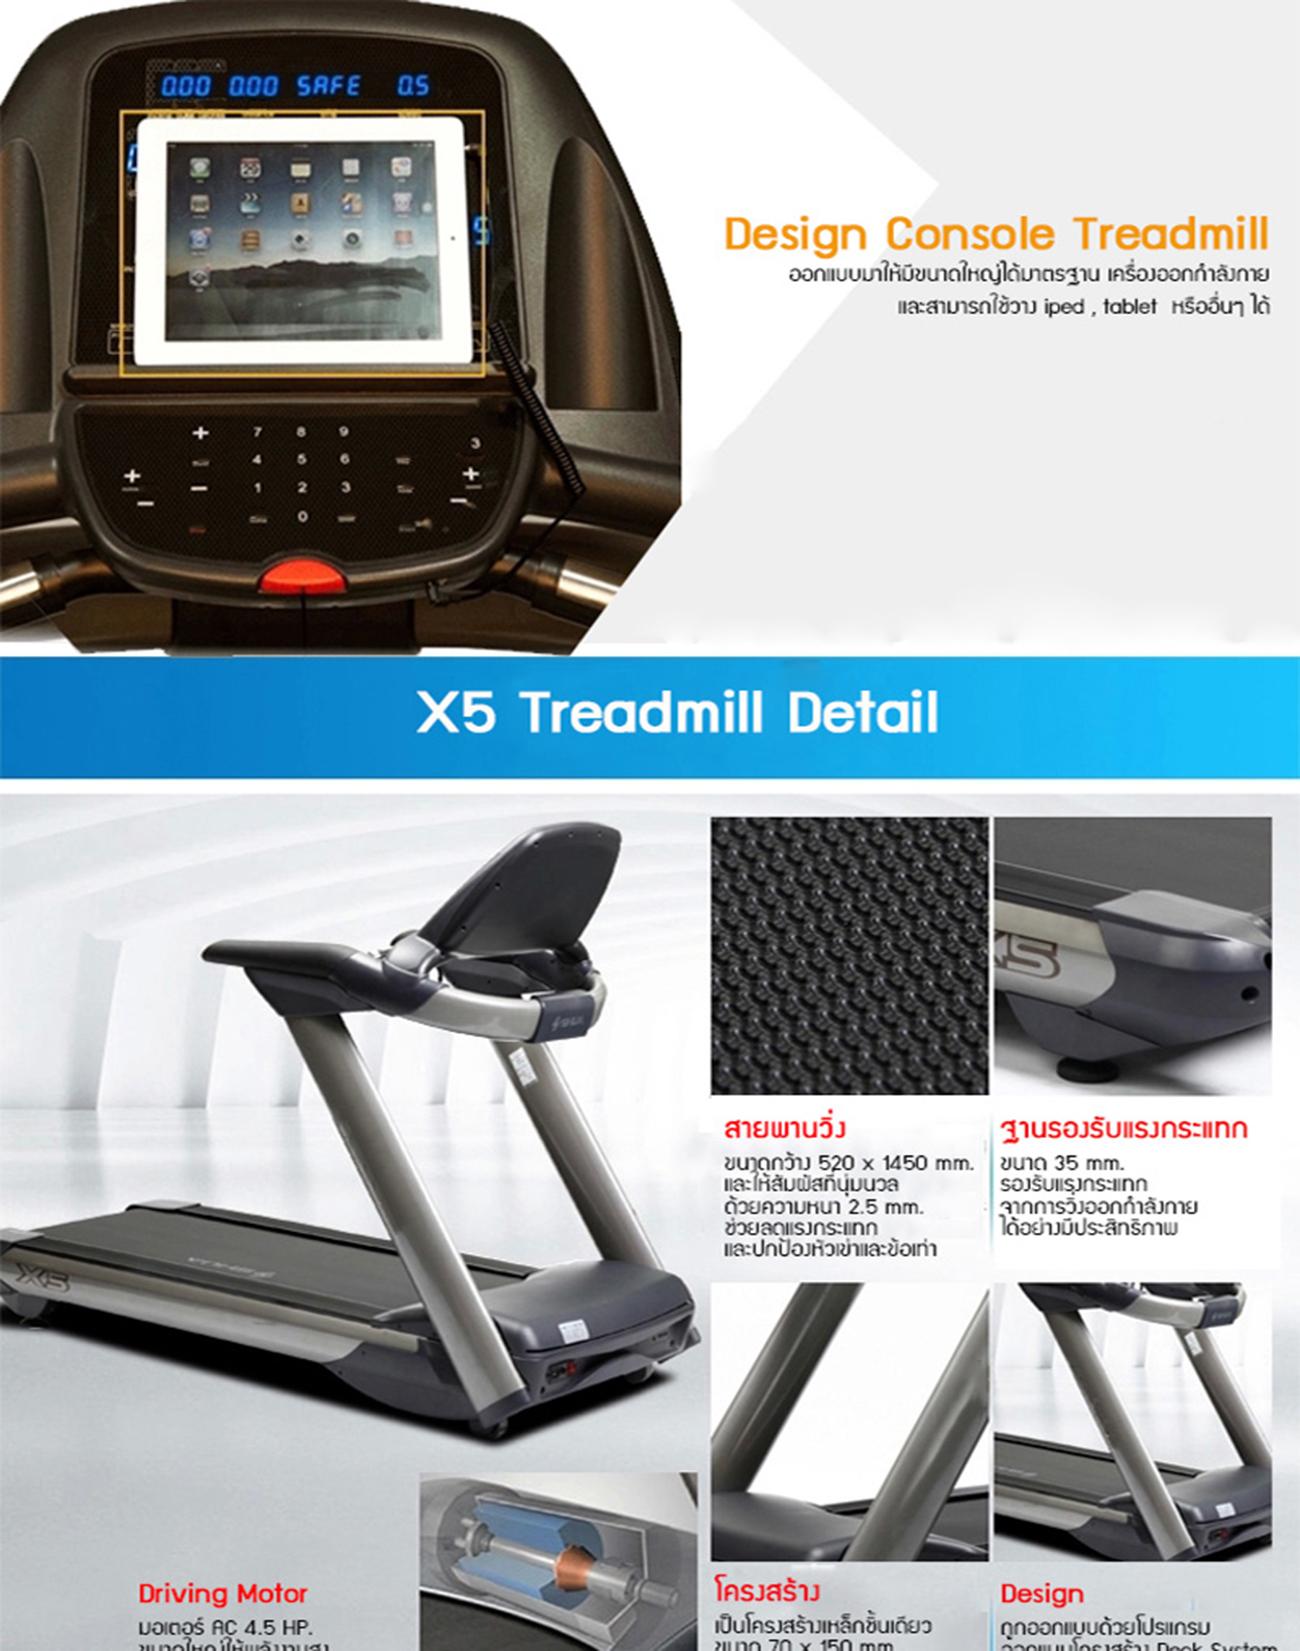 ลู่วิ่งไฟฟ้า X5 Motorized Treadmill - AC 4.5 HP motor